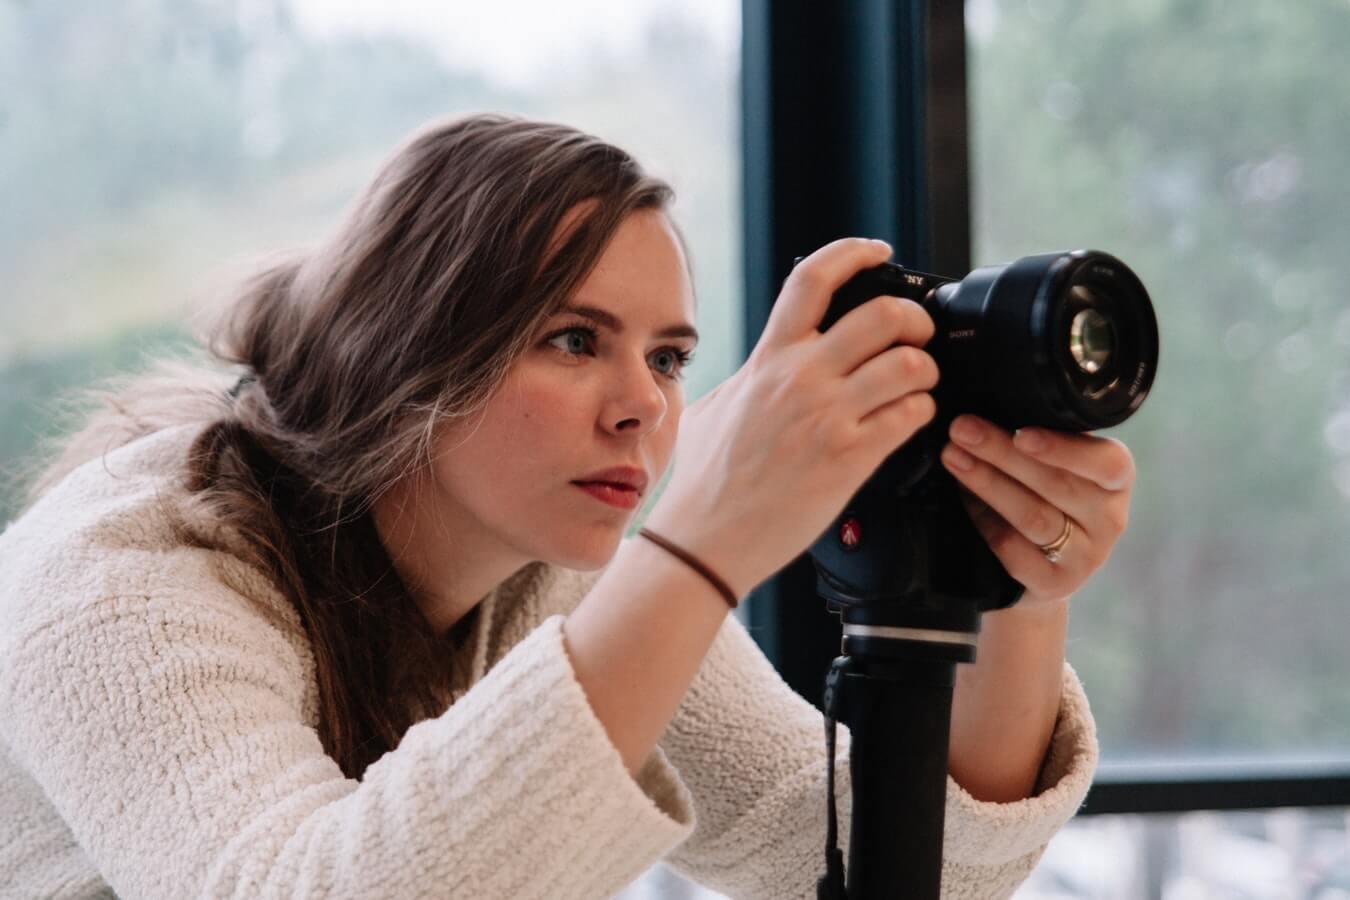 Красивая девушка-фотограф